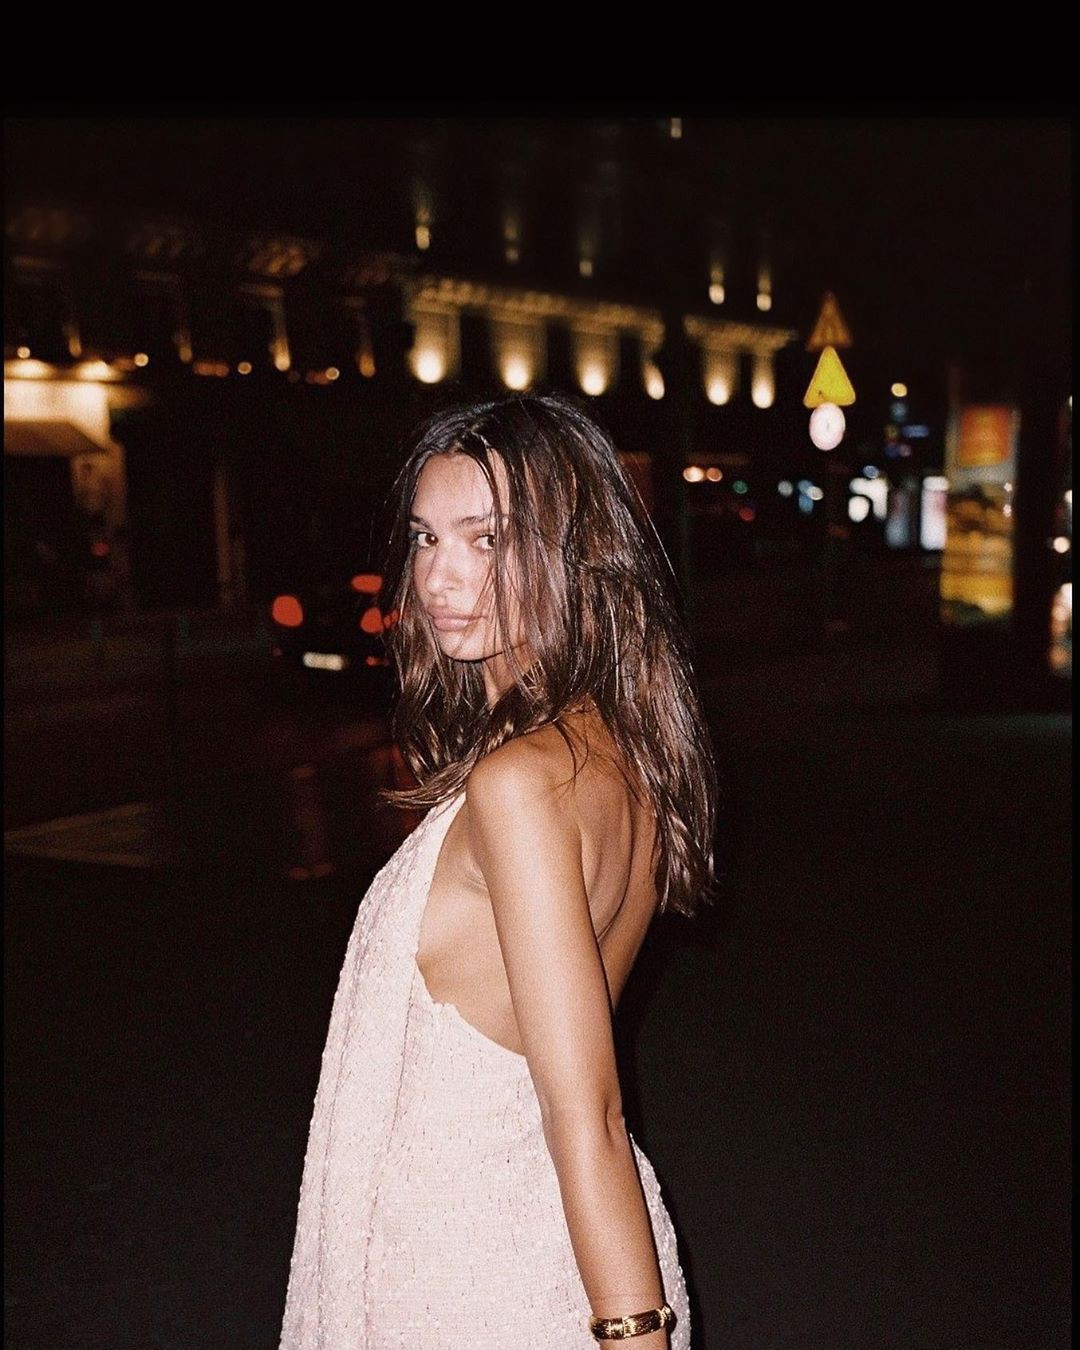 Adorable Style Emily Ratajkowski Photographs Instagram